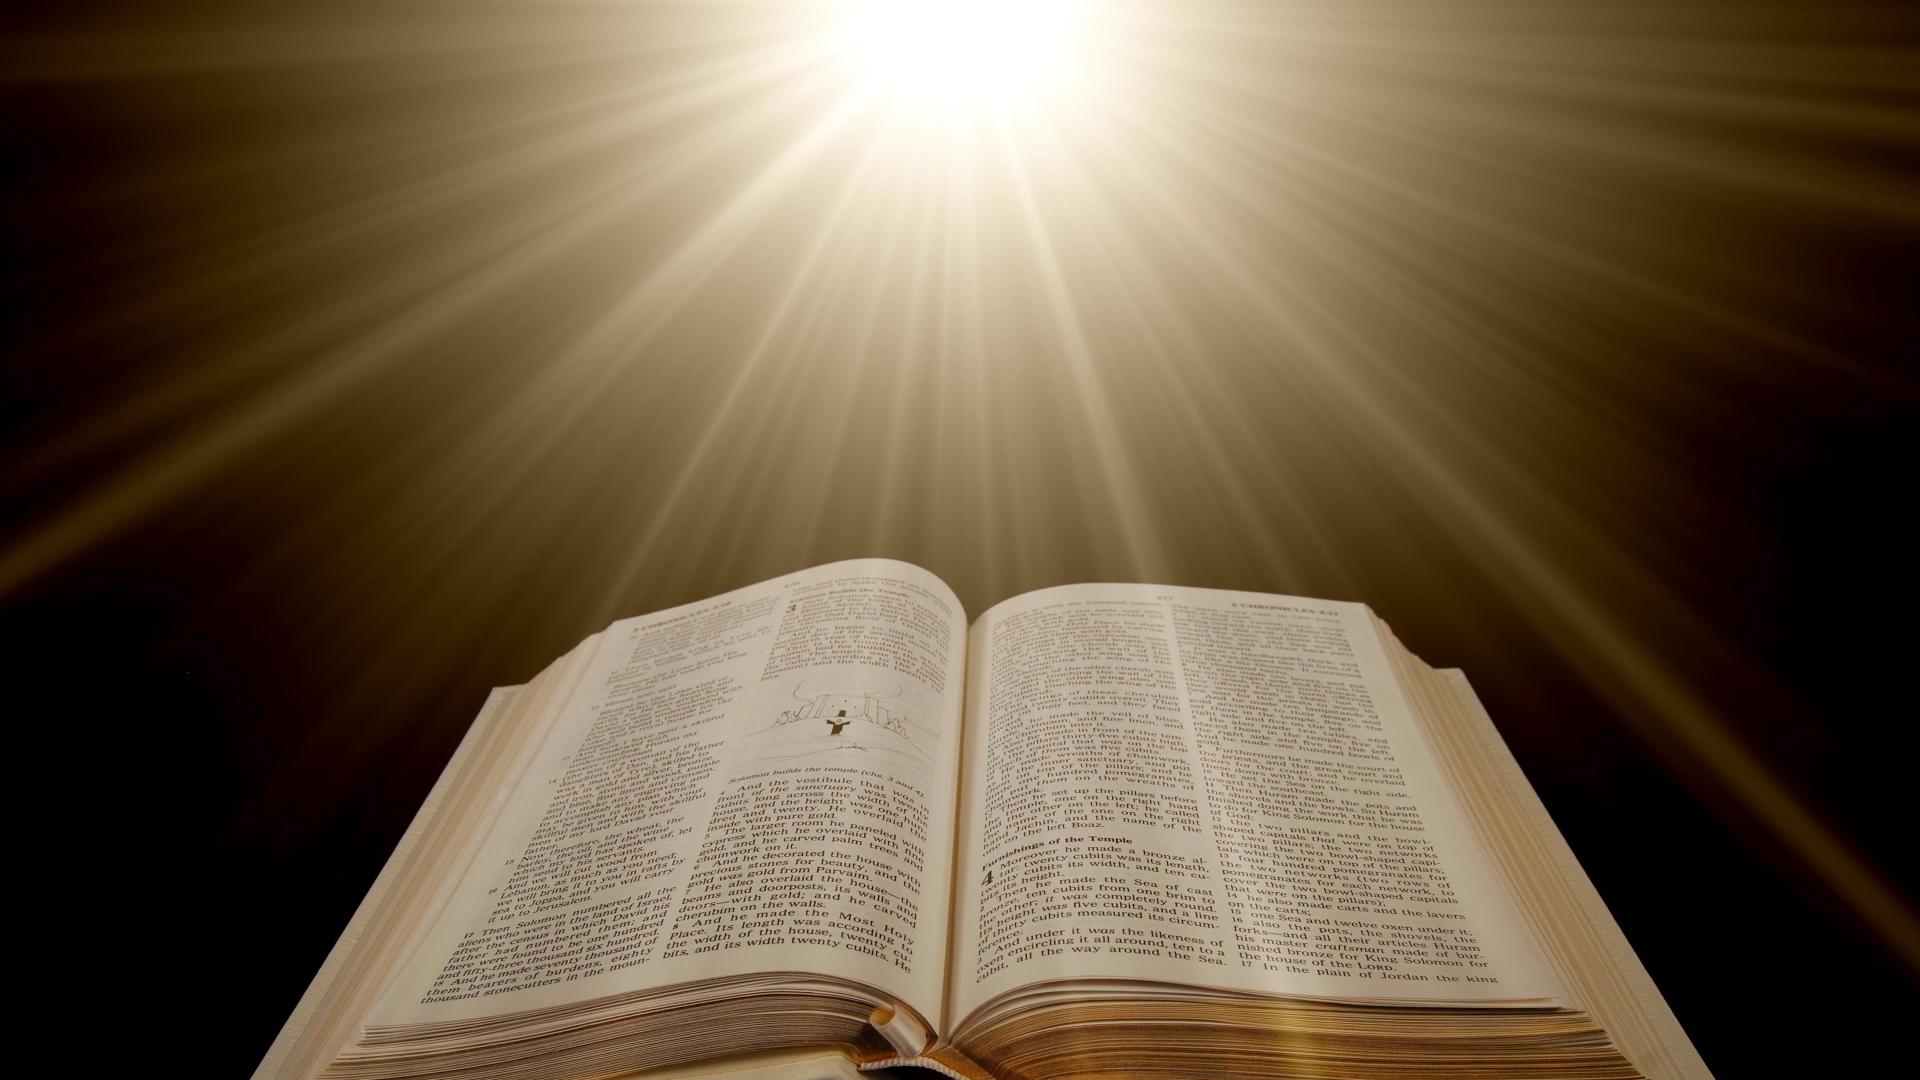 Este posibilă unirea baptiștilor cu adventiștii?